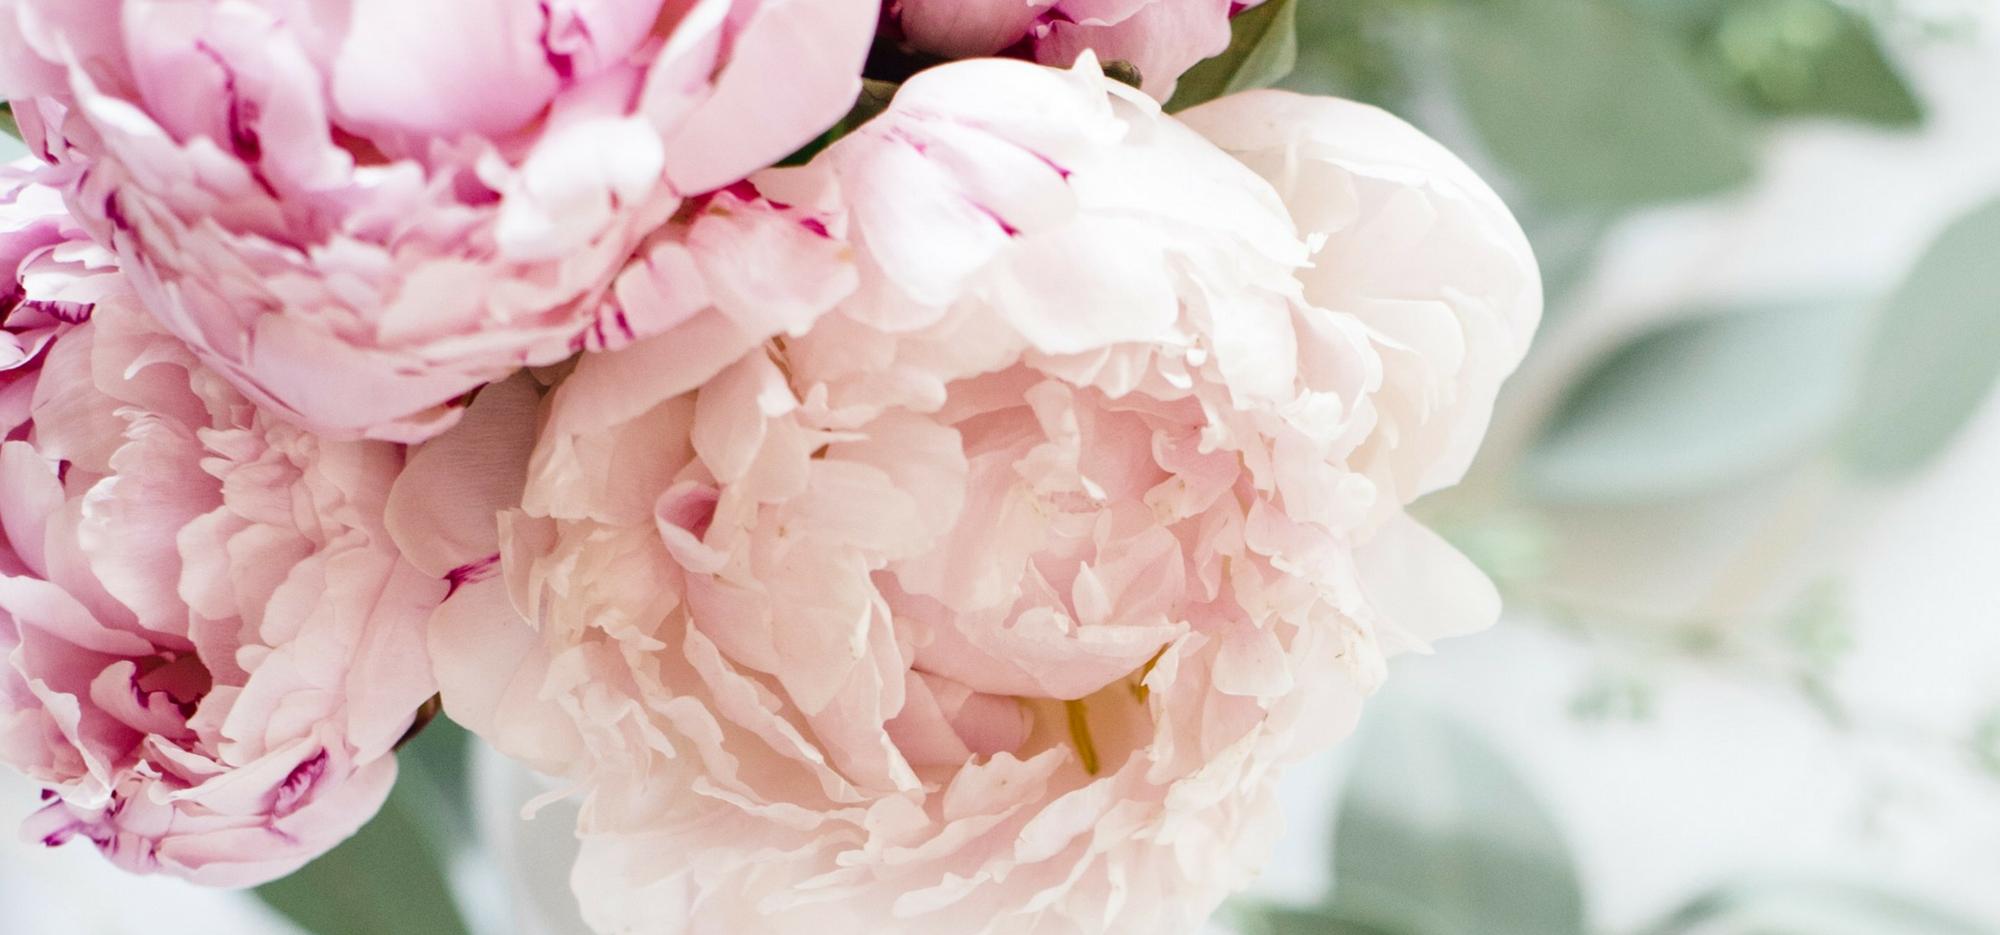 bouquet-de-fleurs-pivoine-rose